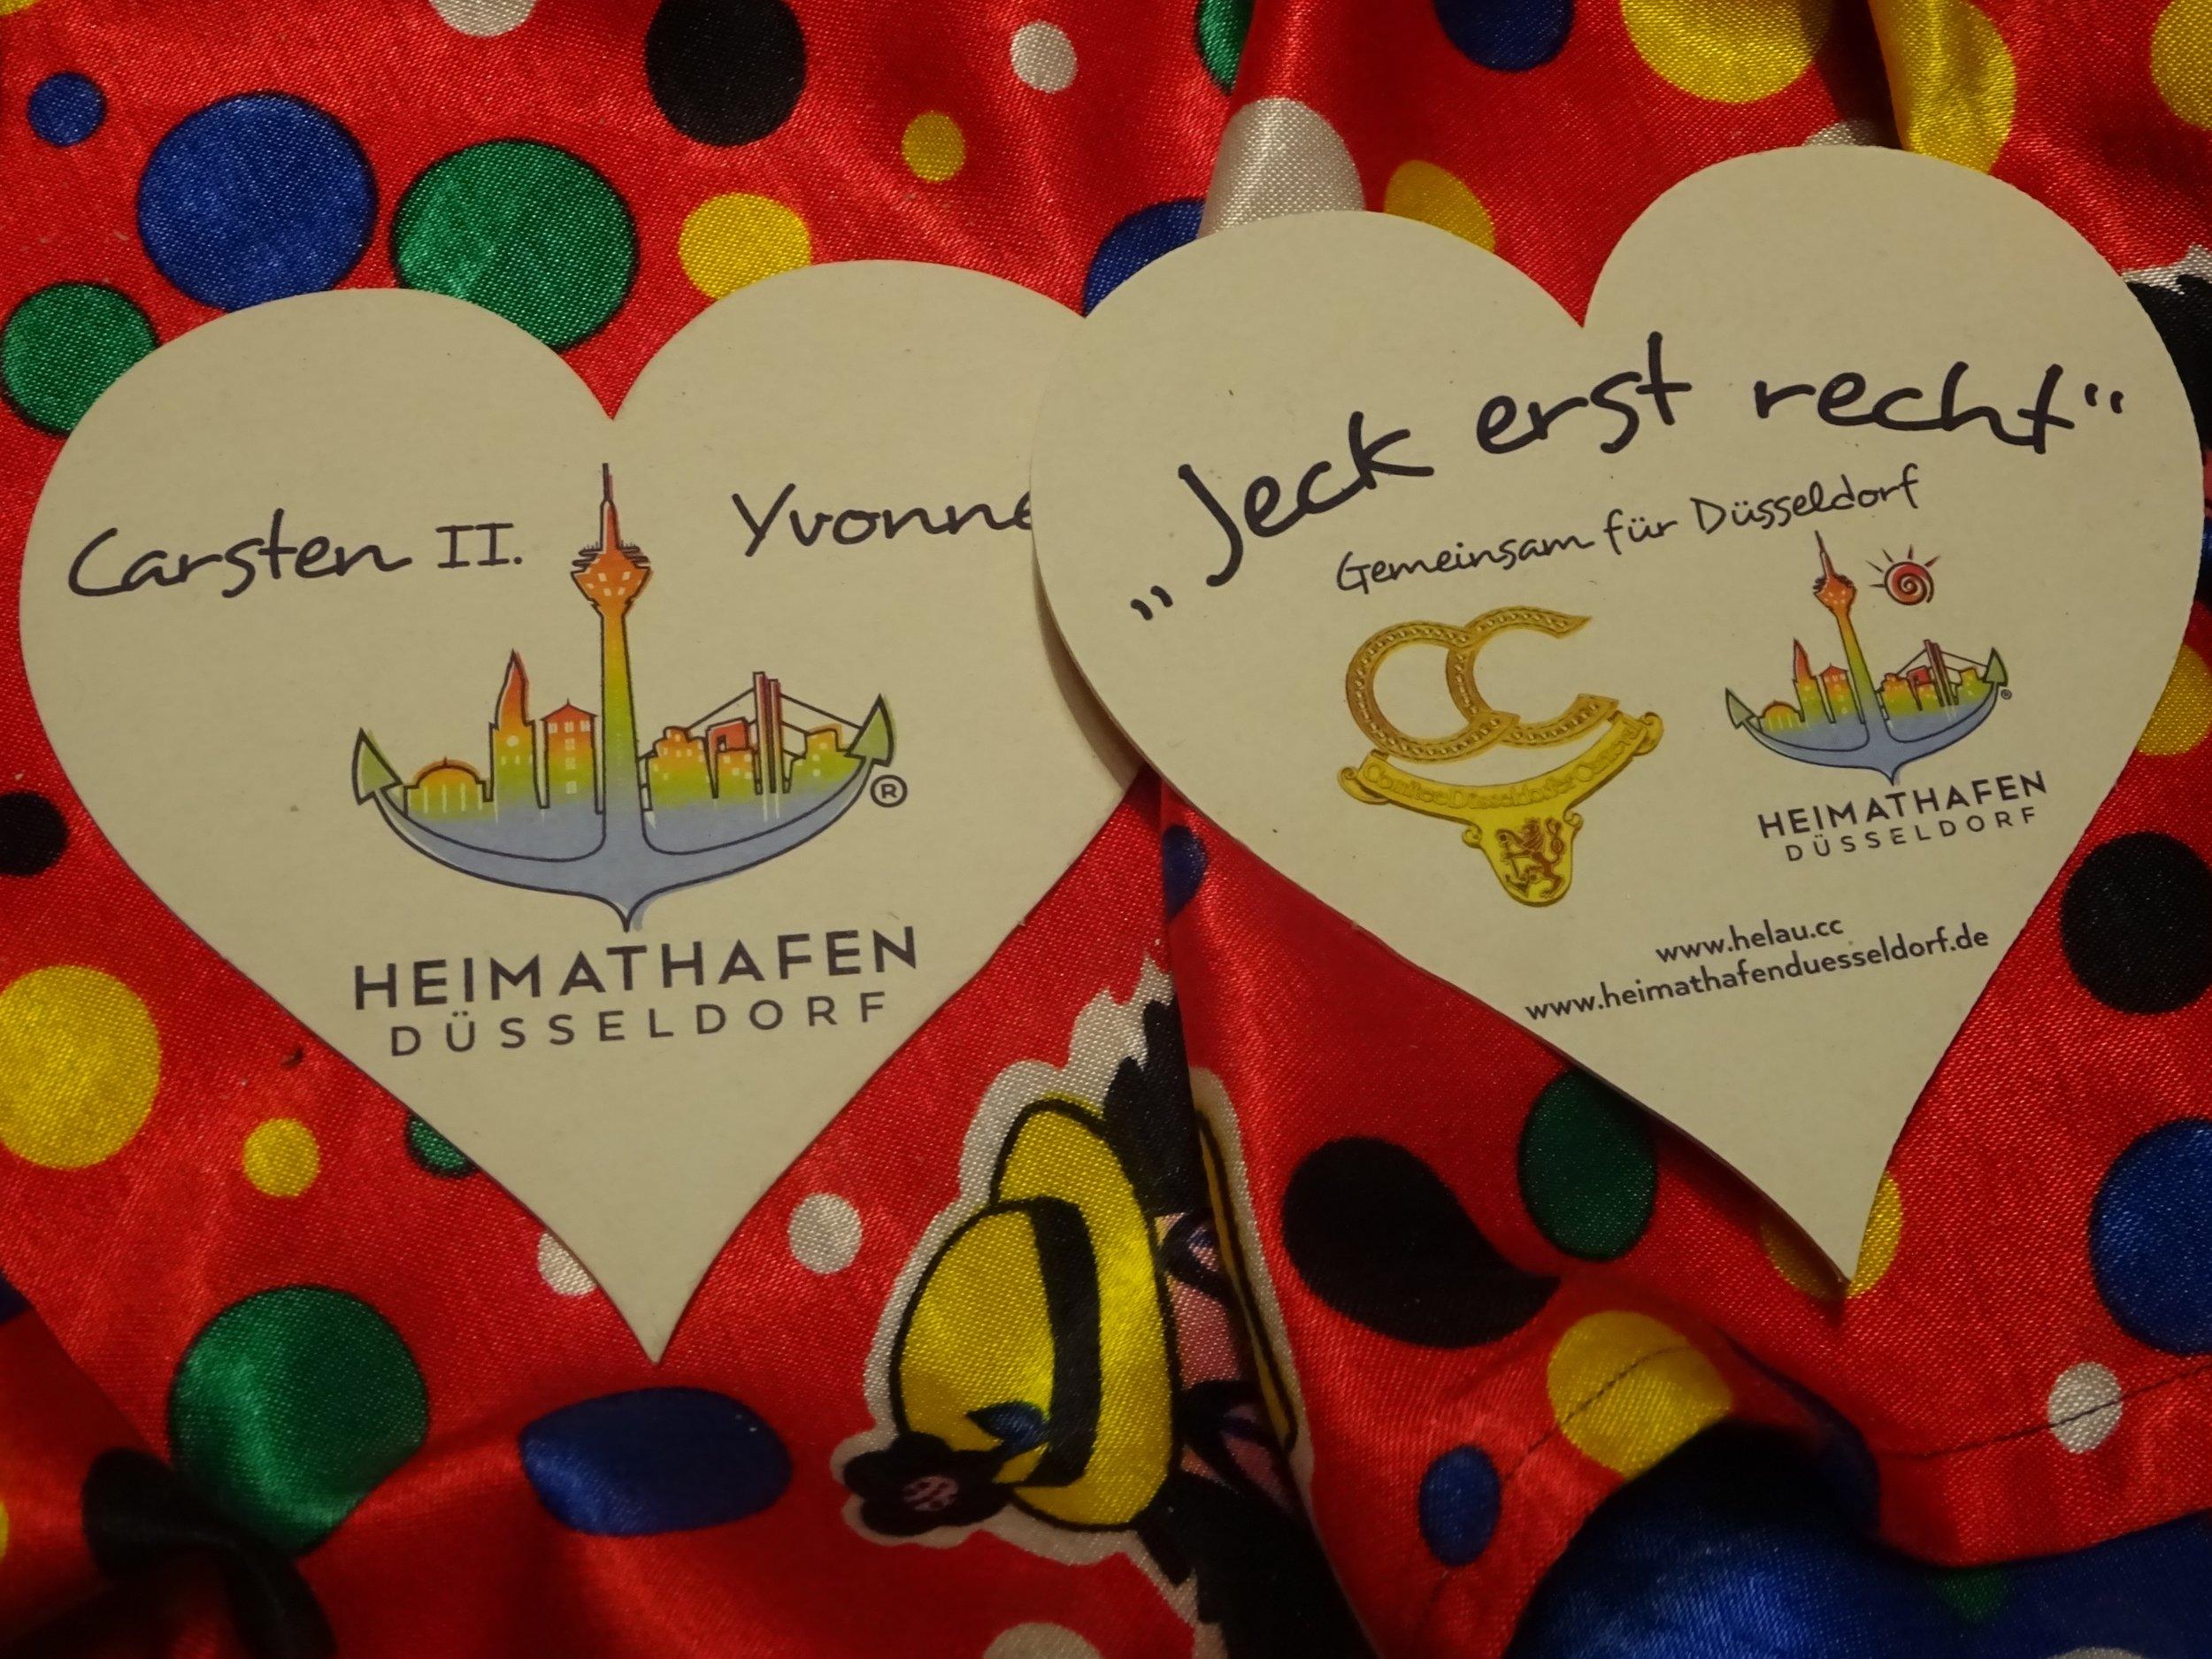 """В Дюссельдорфе можно сейчас отлично """"подурачиться"""" - здесь празднуют карнавал, любят поесть (и селёдку в том числе в последний карнавальный день!) и выпить рейнвейна :-)"""